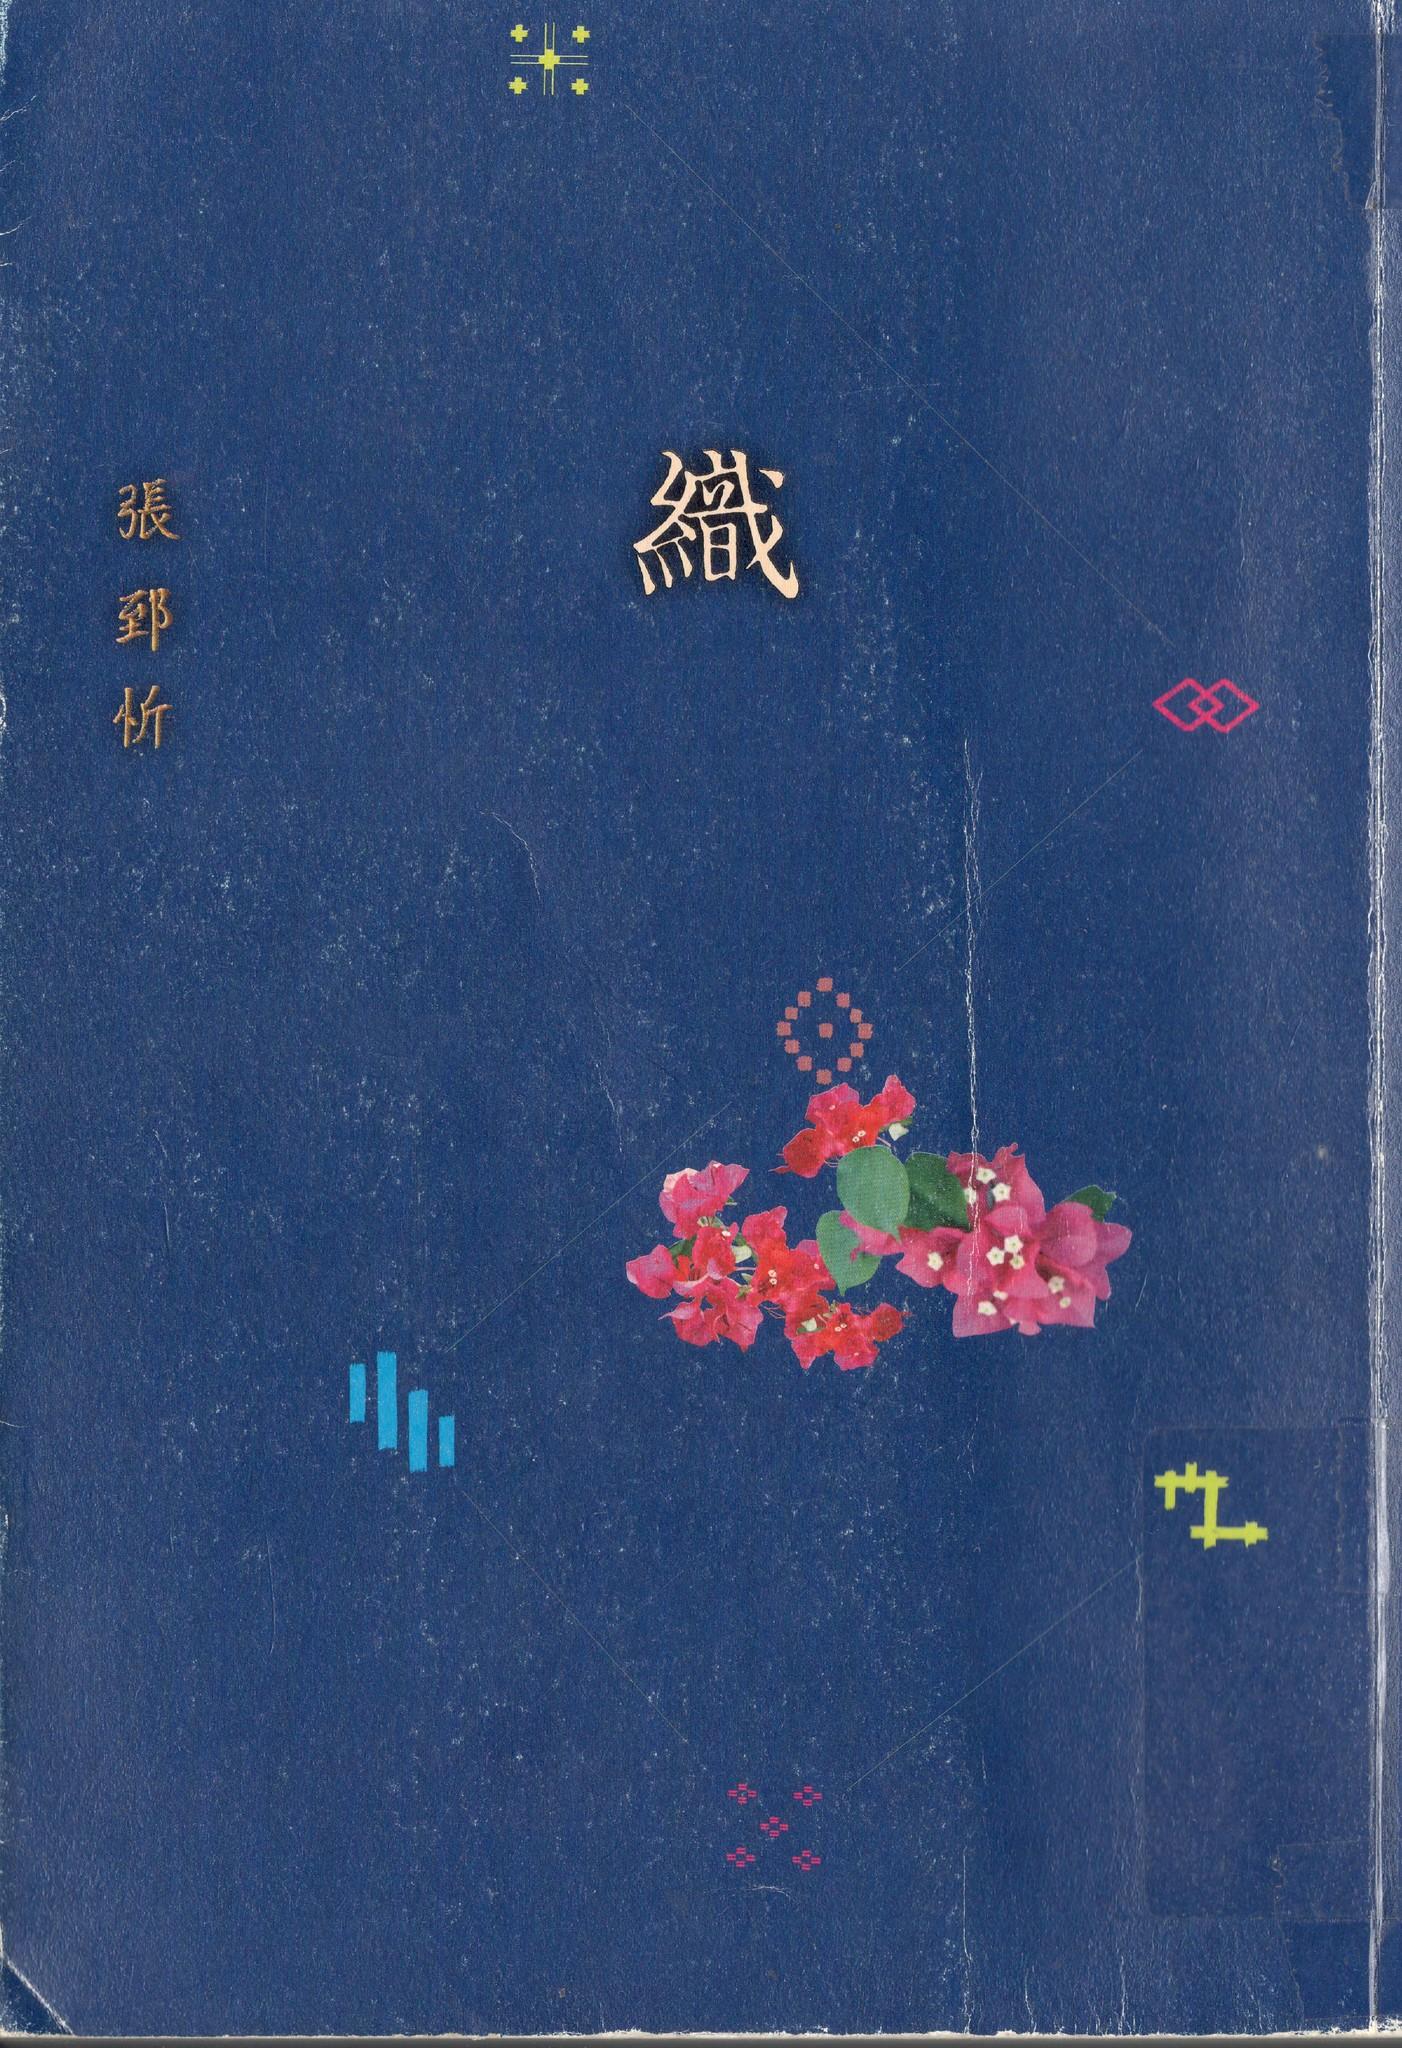 張郅忻《織》。封面是一叢九重葛,以及泰雅傳統編織花紋。